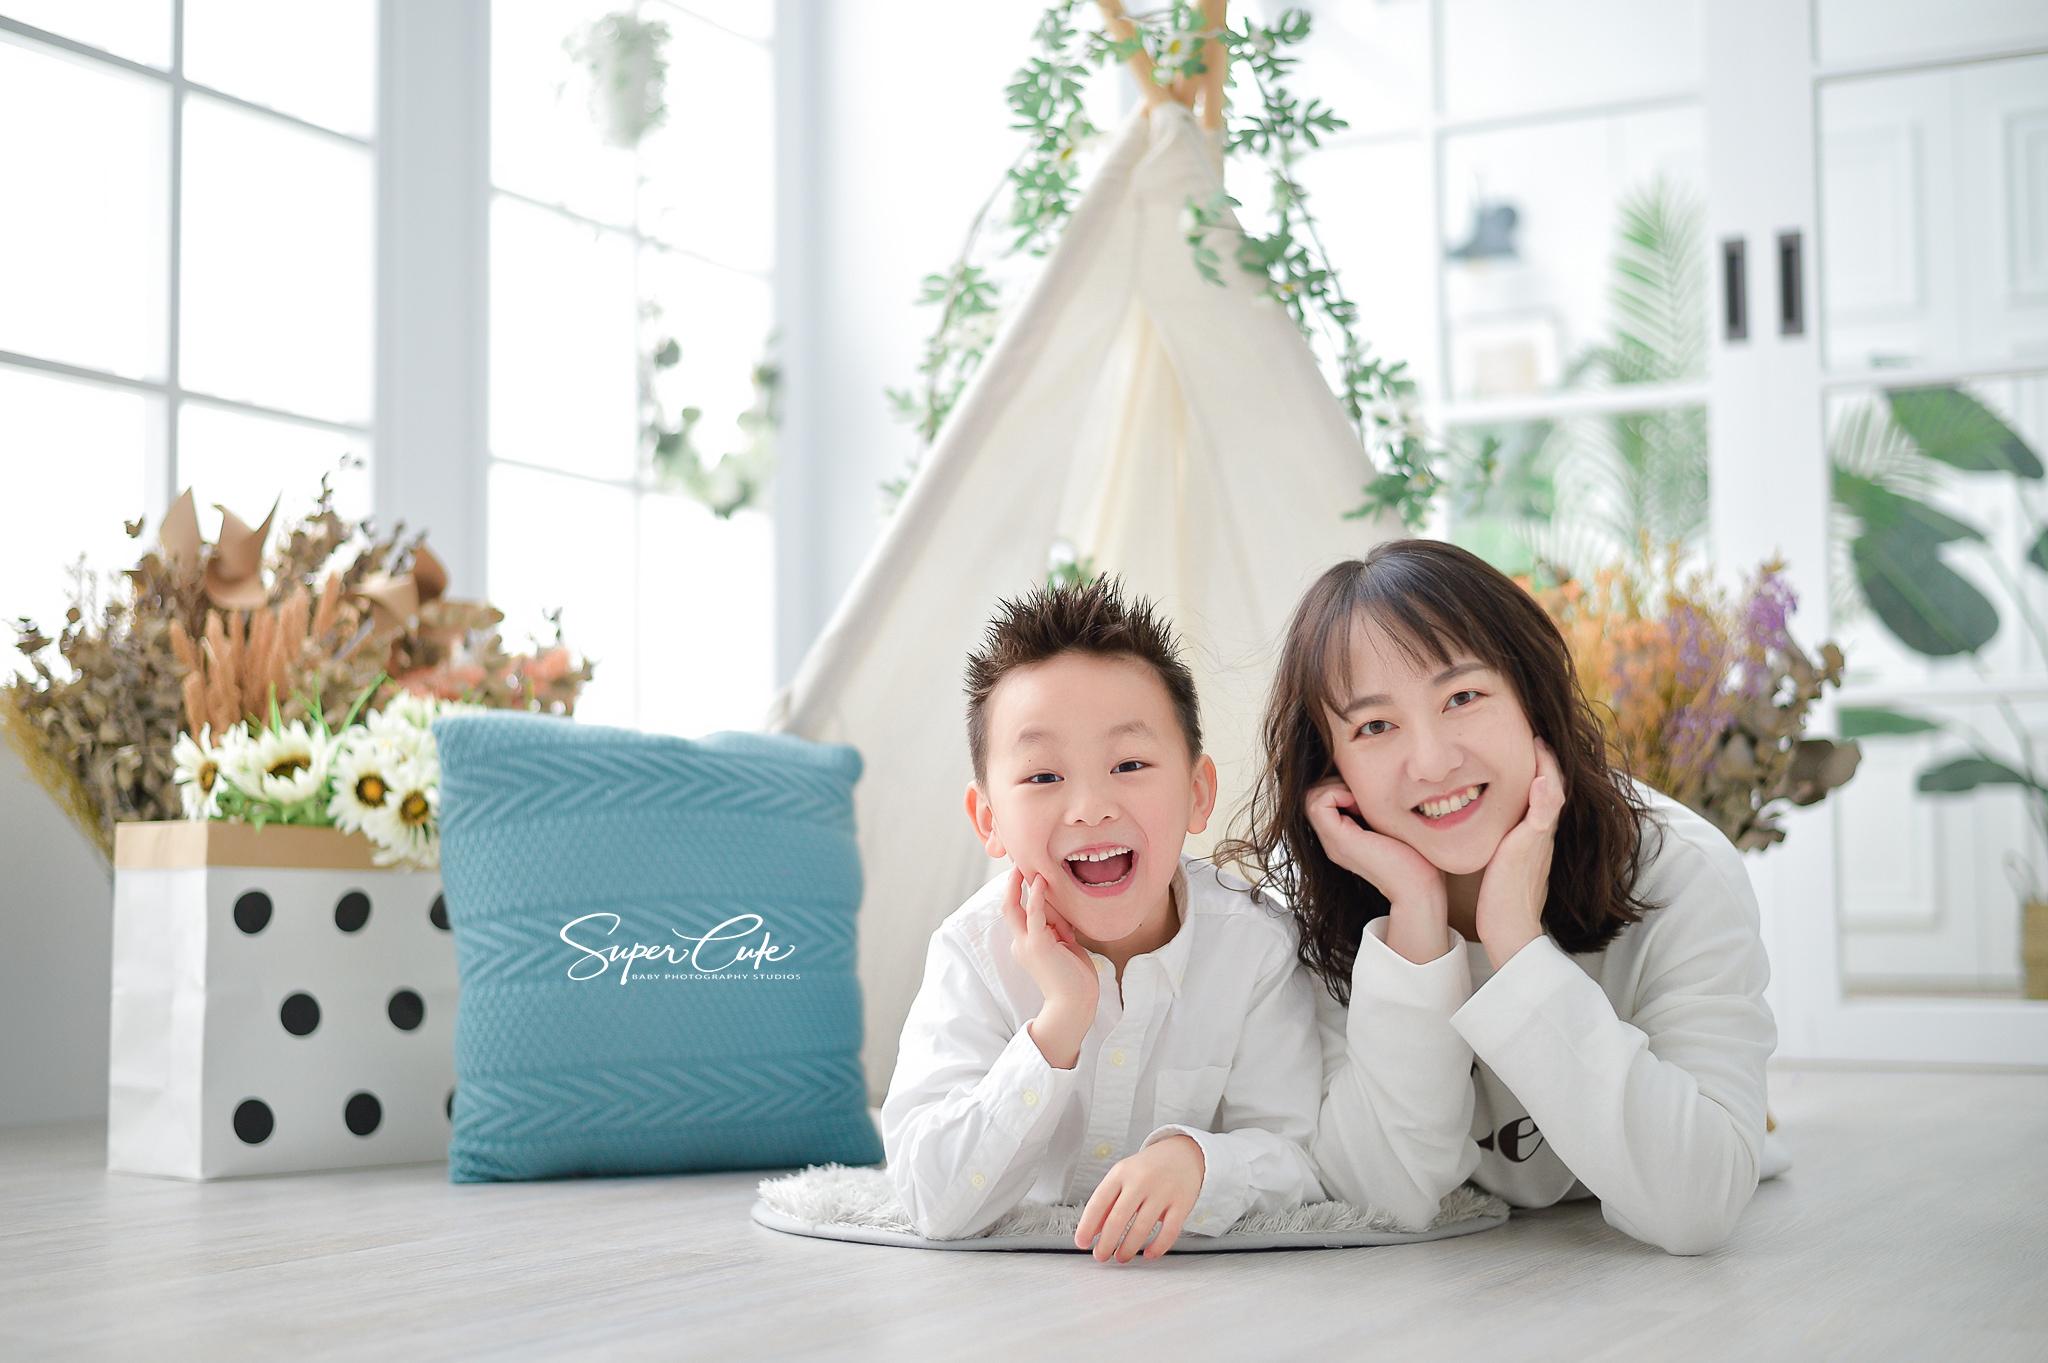 新竹兒童寫真,新竹寶寶寫真,新竹兒童寫真推薦,兒童寫真,寶寶寫真,supercute寶寶寫真,竹北兒童寫真推薦